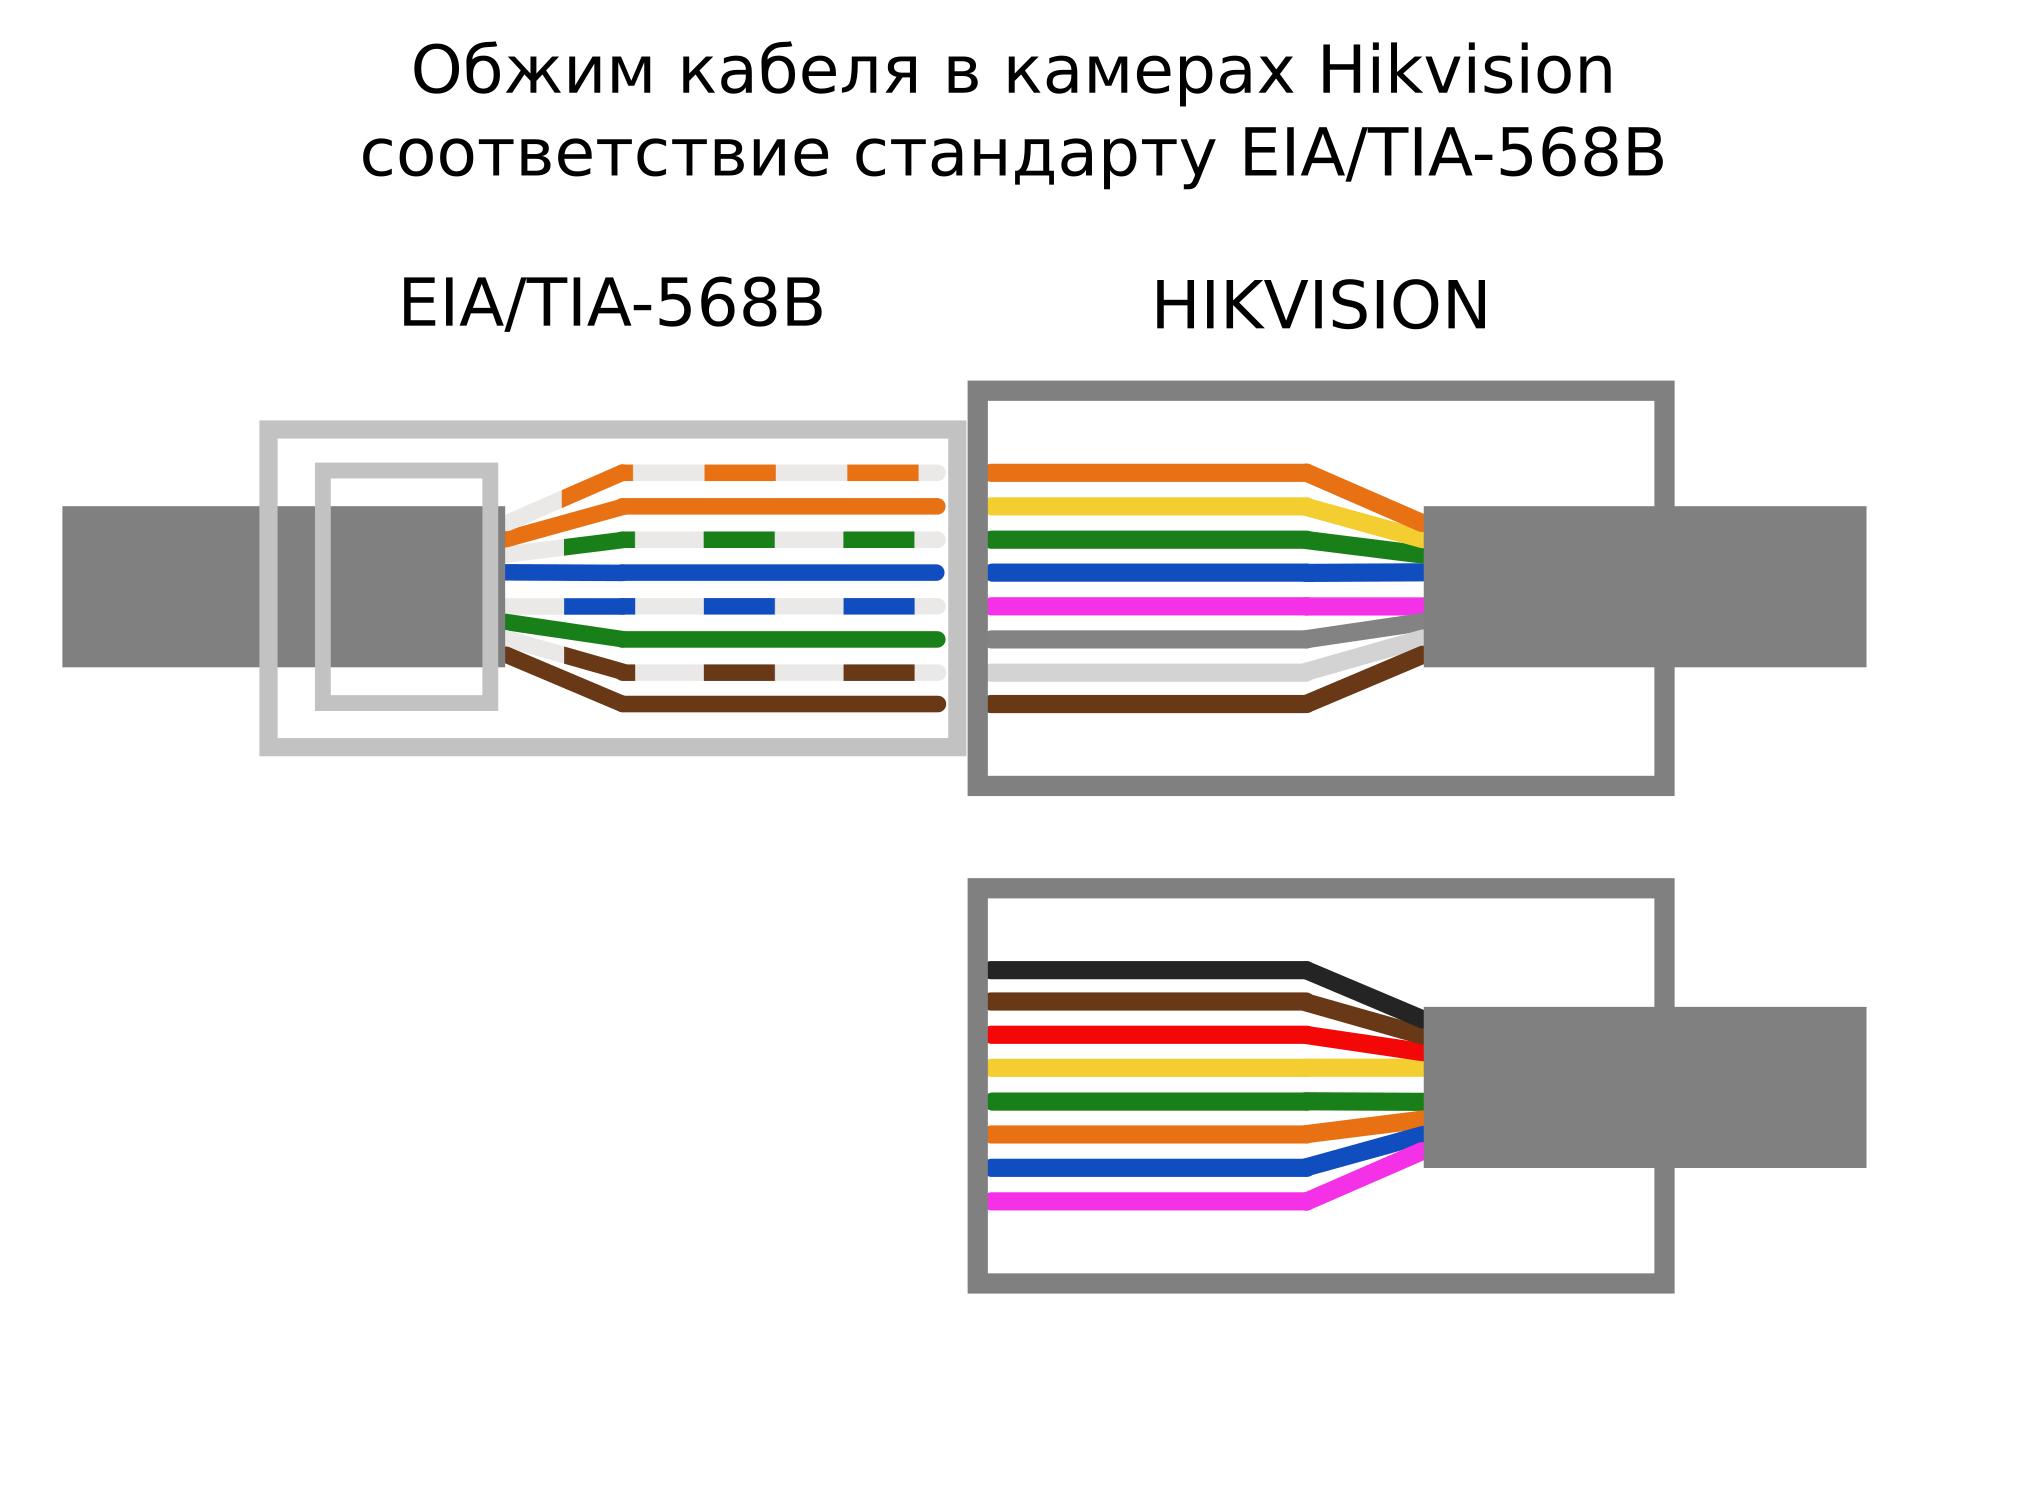 Как обжимать кабель в камерах Hikvision?